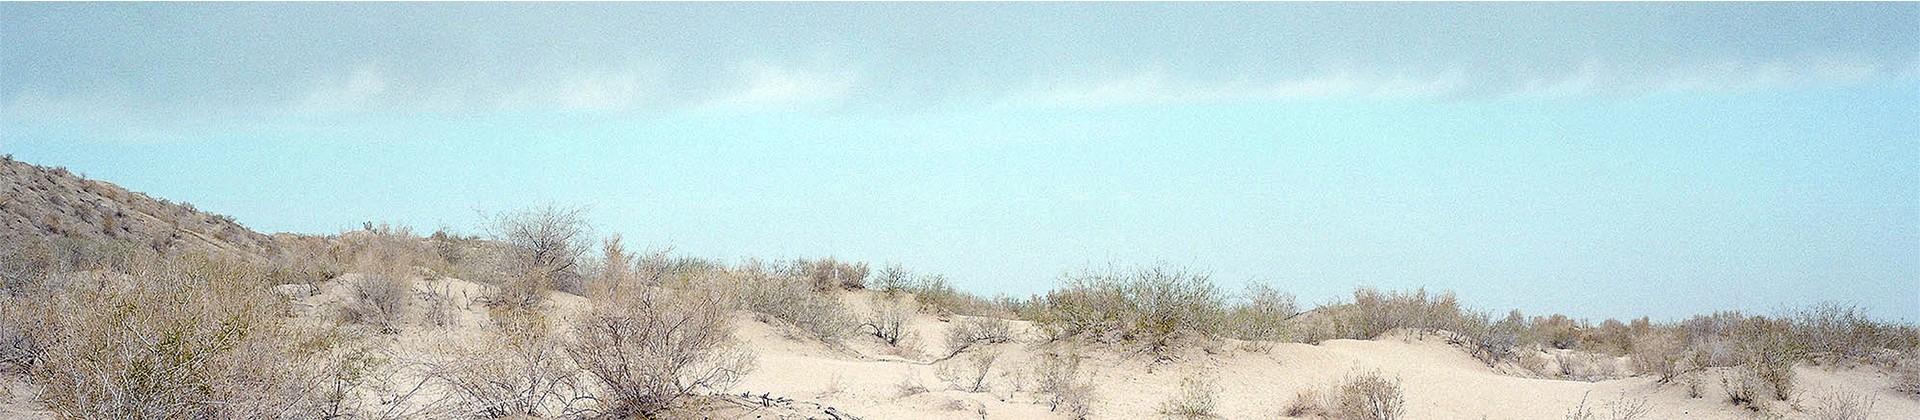 Aralkum Desert - 1